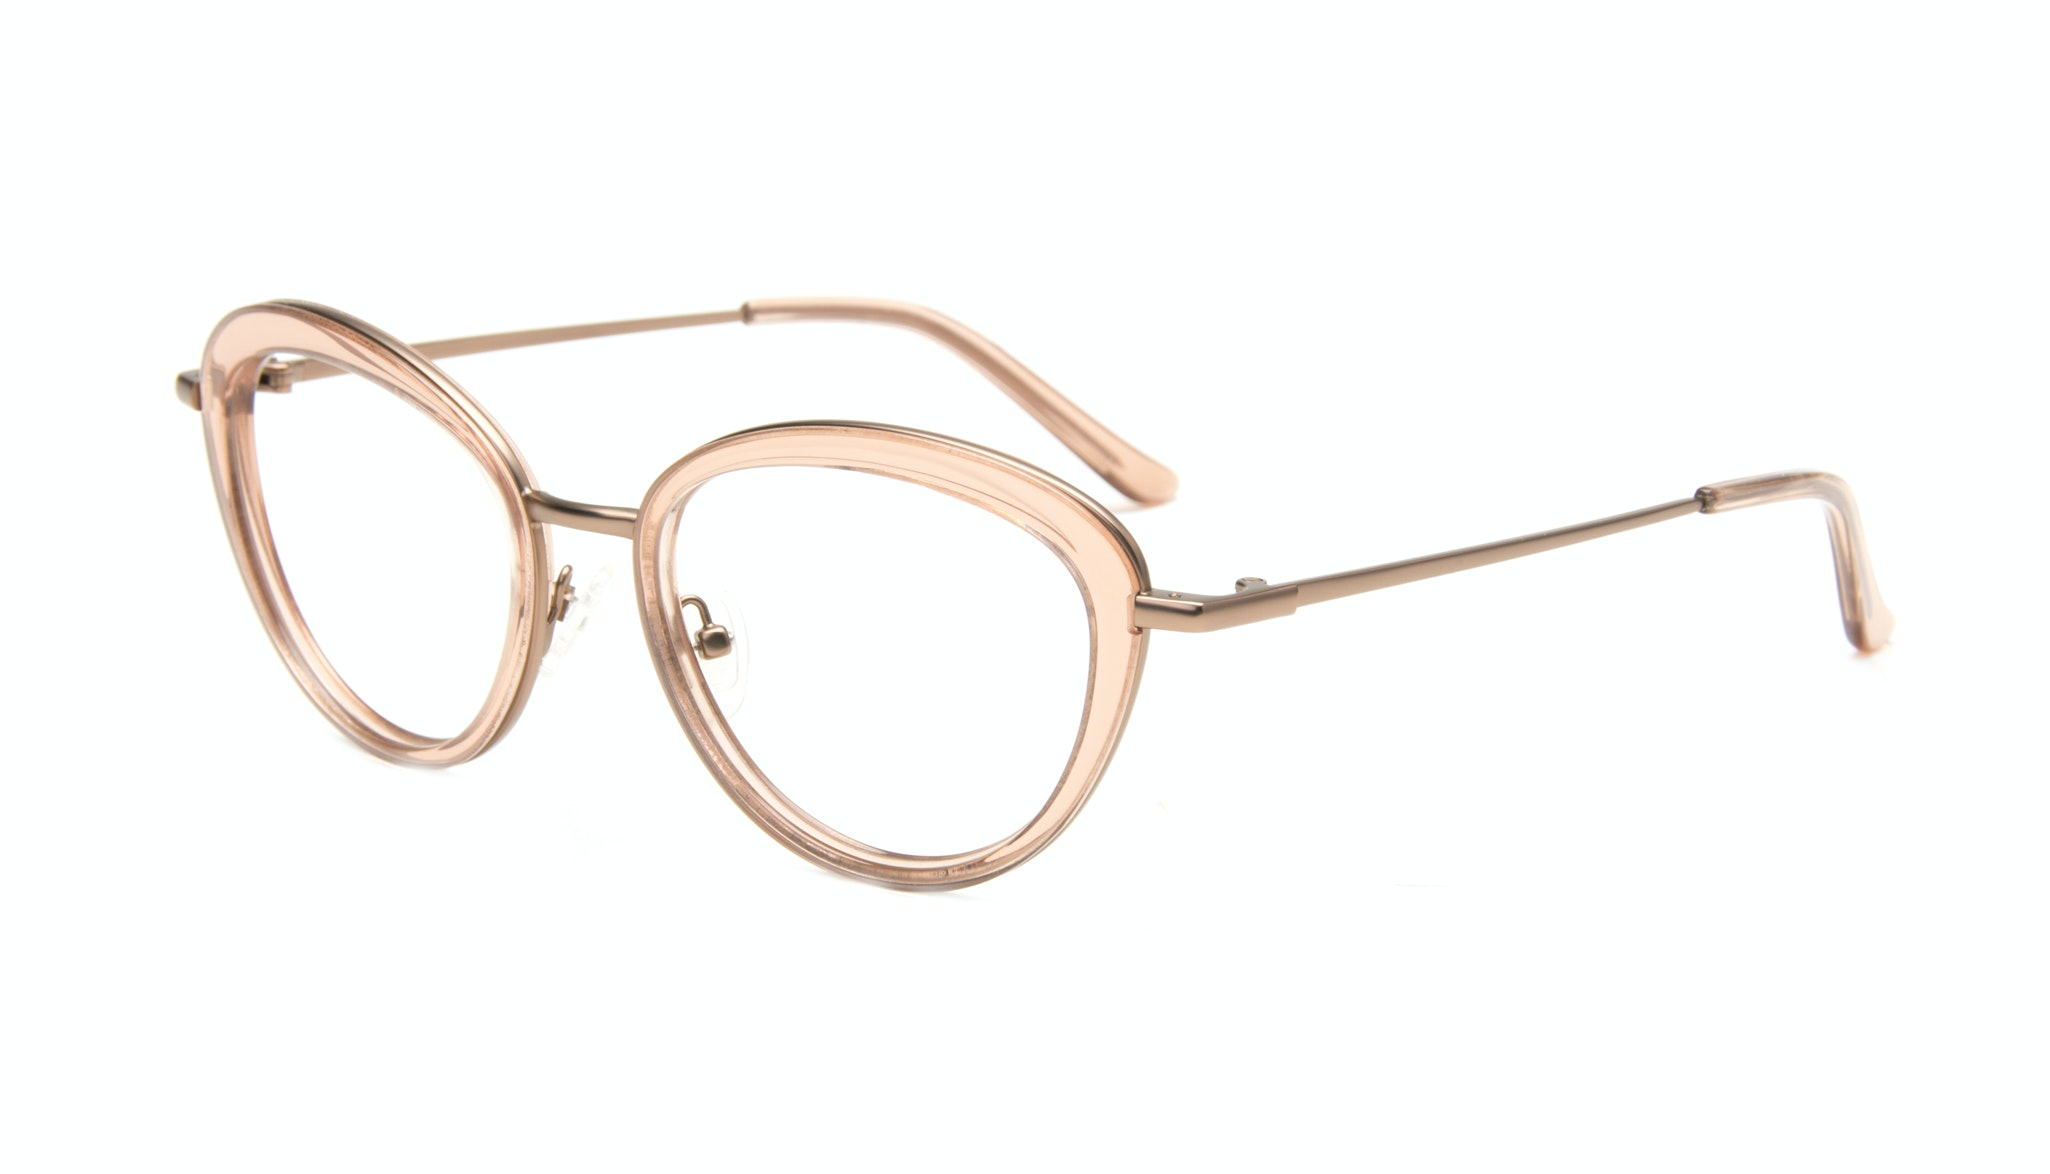 Affordable Fashion Glasses Cat Eye Eyeglasses Women Glory Rose Tilt